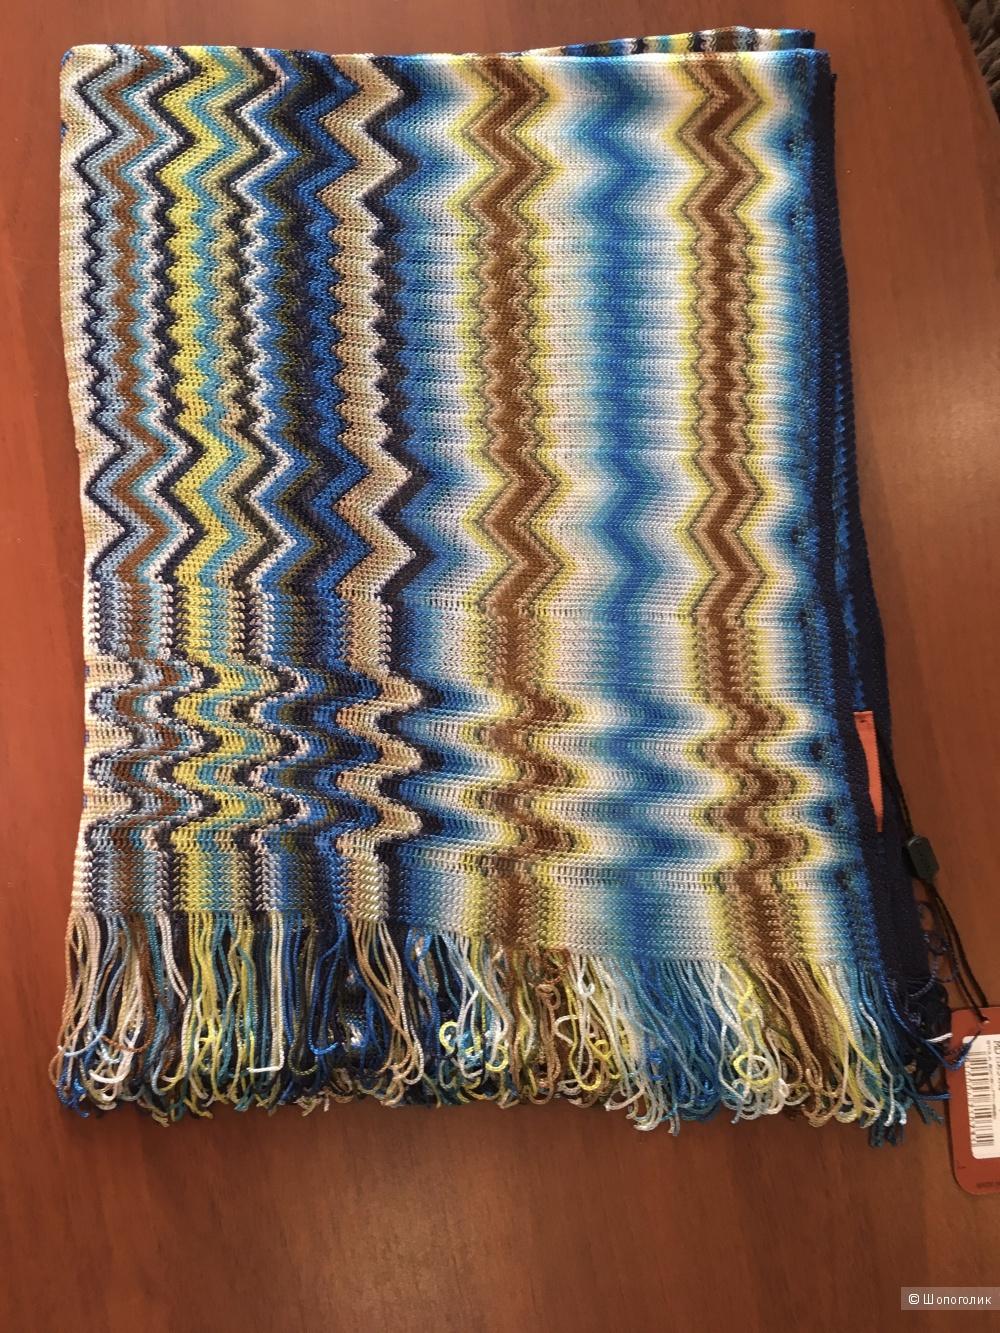 Шарф Missoni, цвет мульти (синий с беж). 165*65 см.